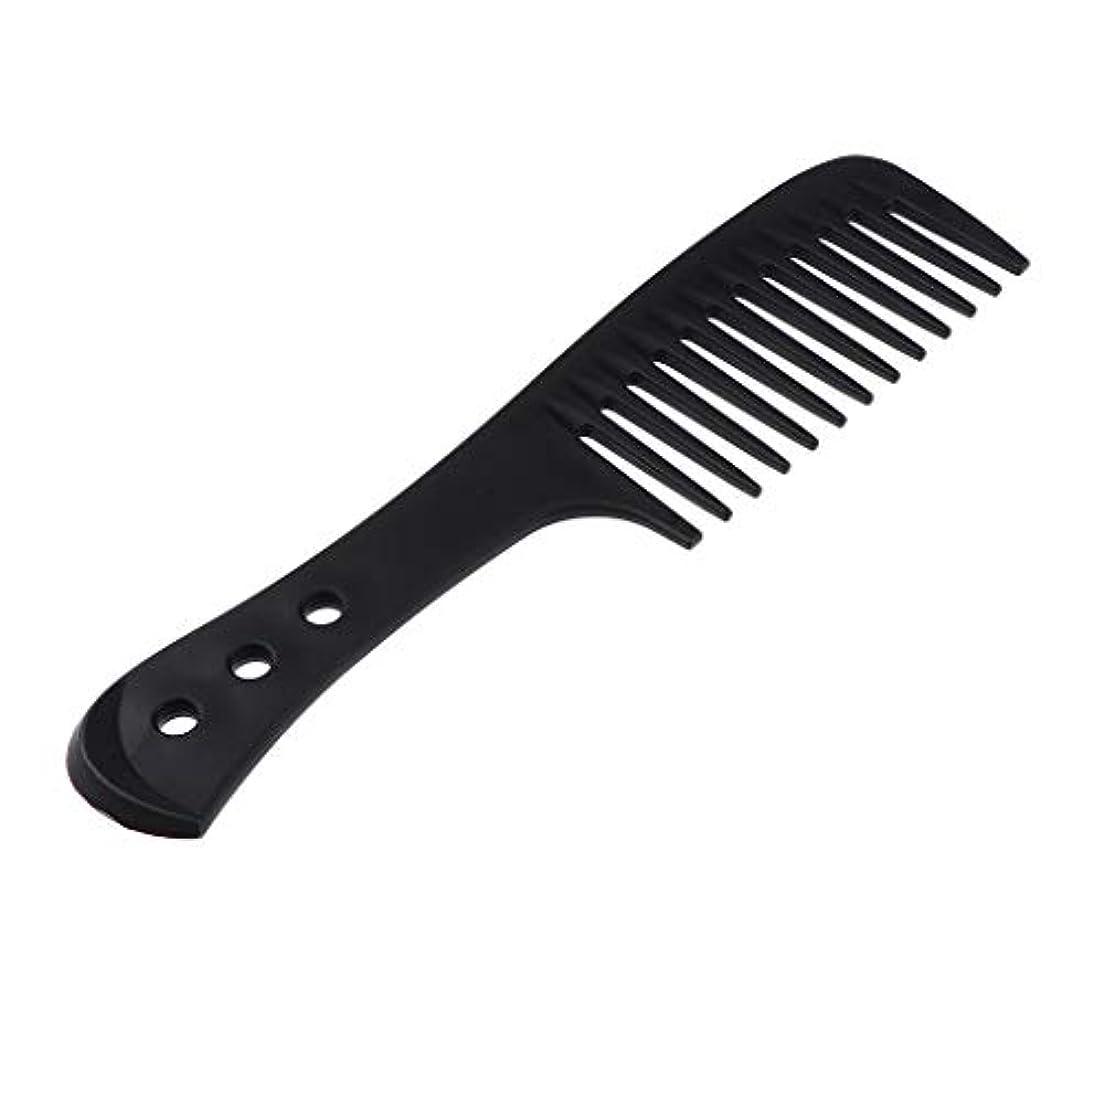 大きさブロッサム見落とすワイド歯ブラシ 美容整形 美容整形髪ブラシ 全4色 - ブラック